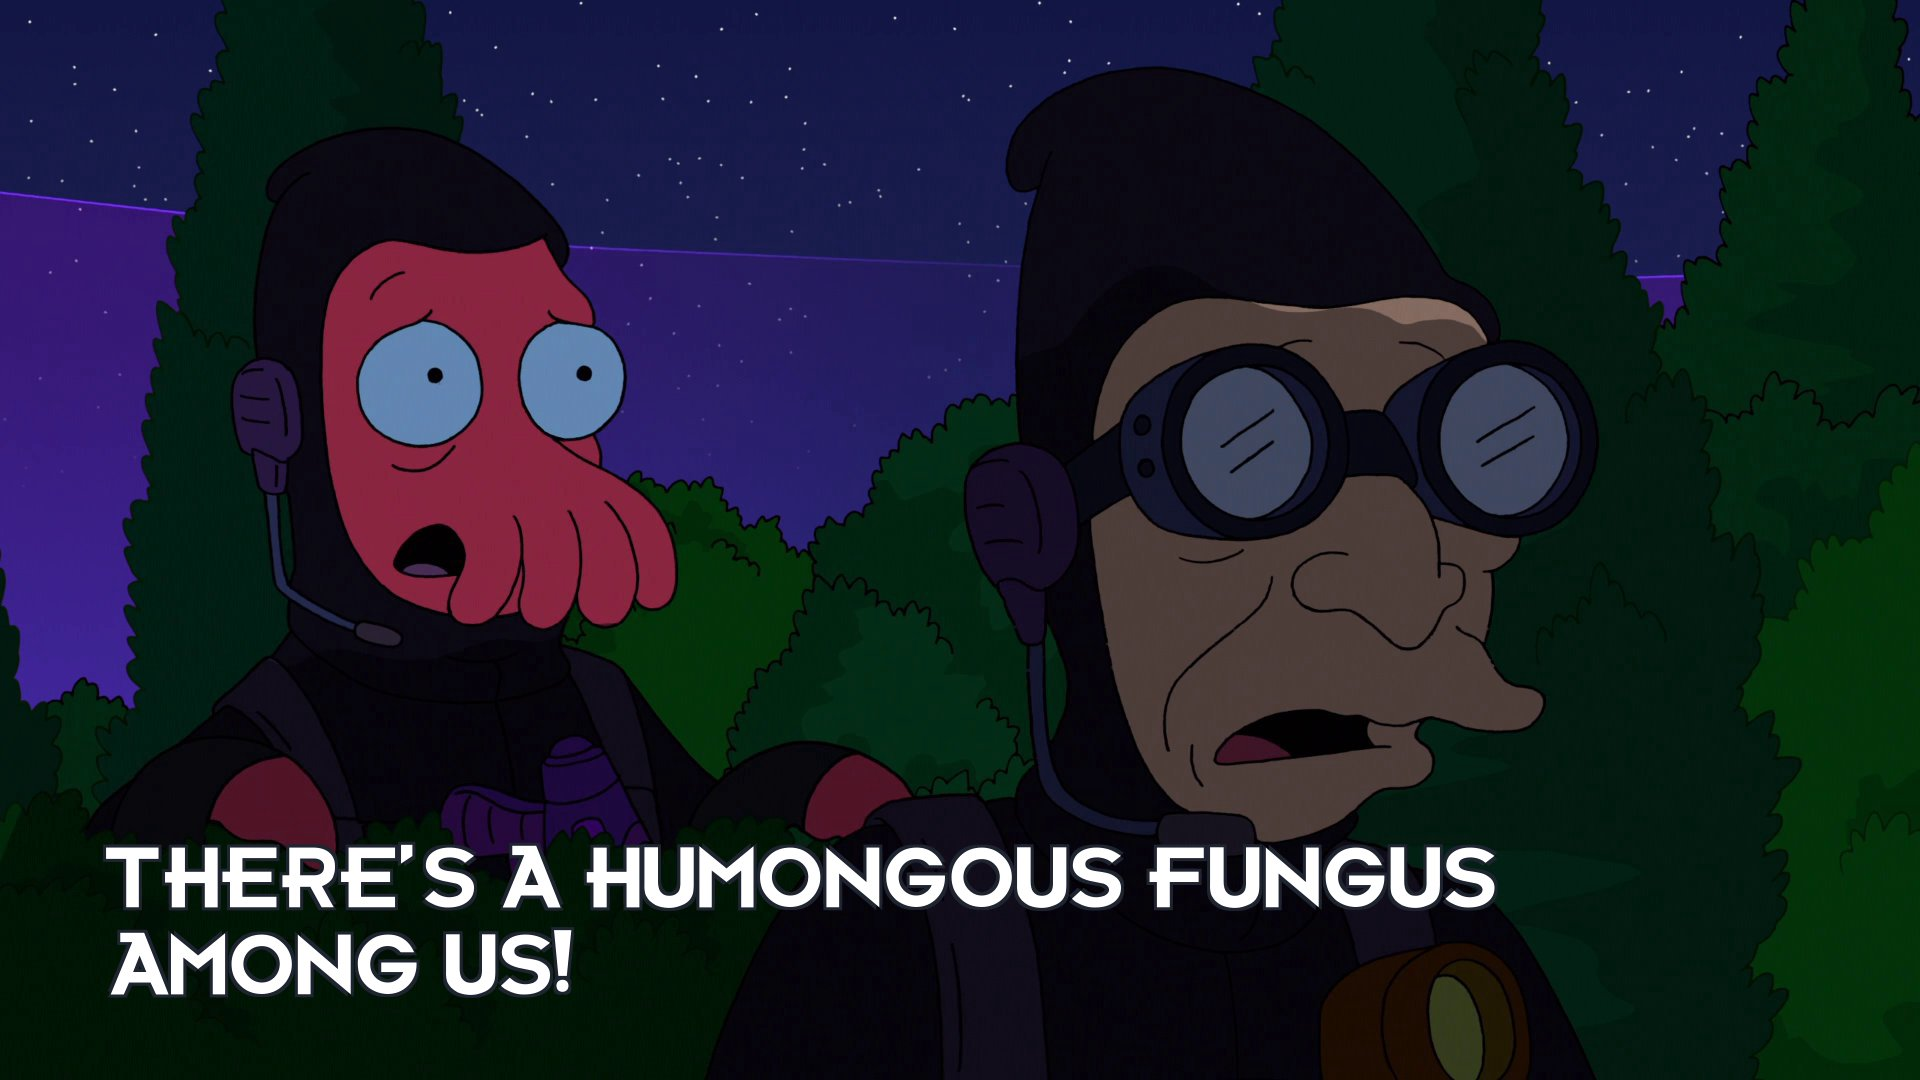 Dr John A Zoidberg: There's a humongous fungus among us!